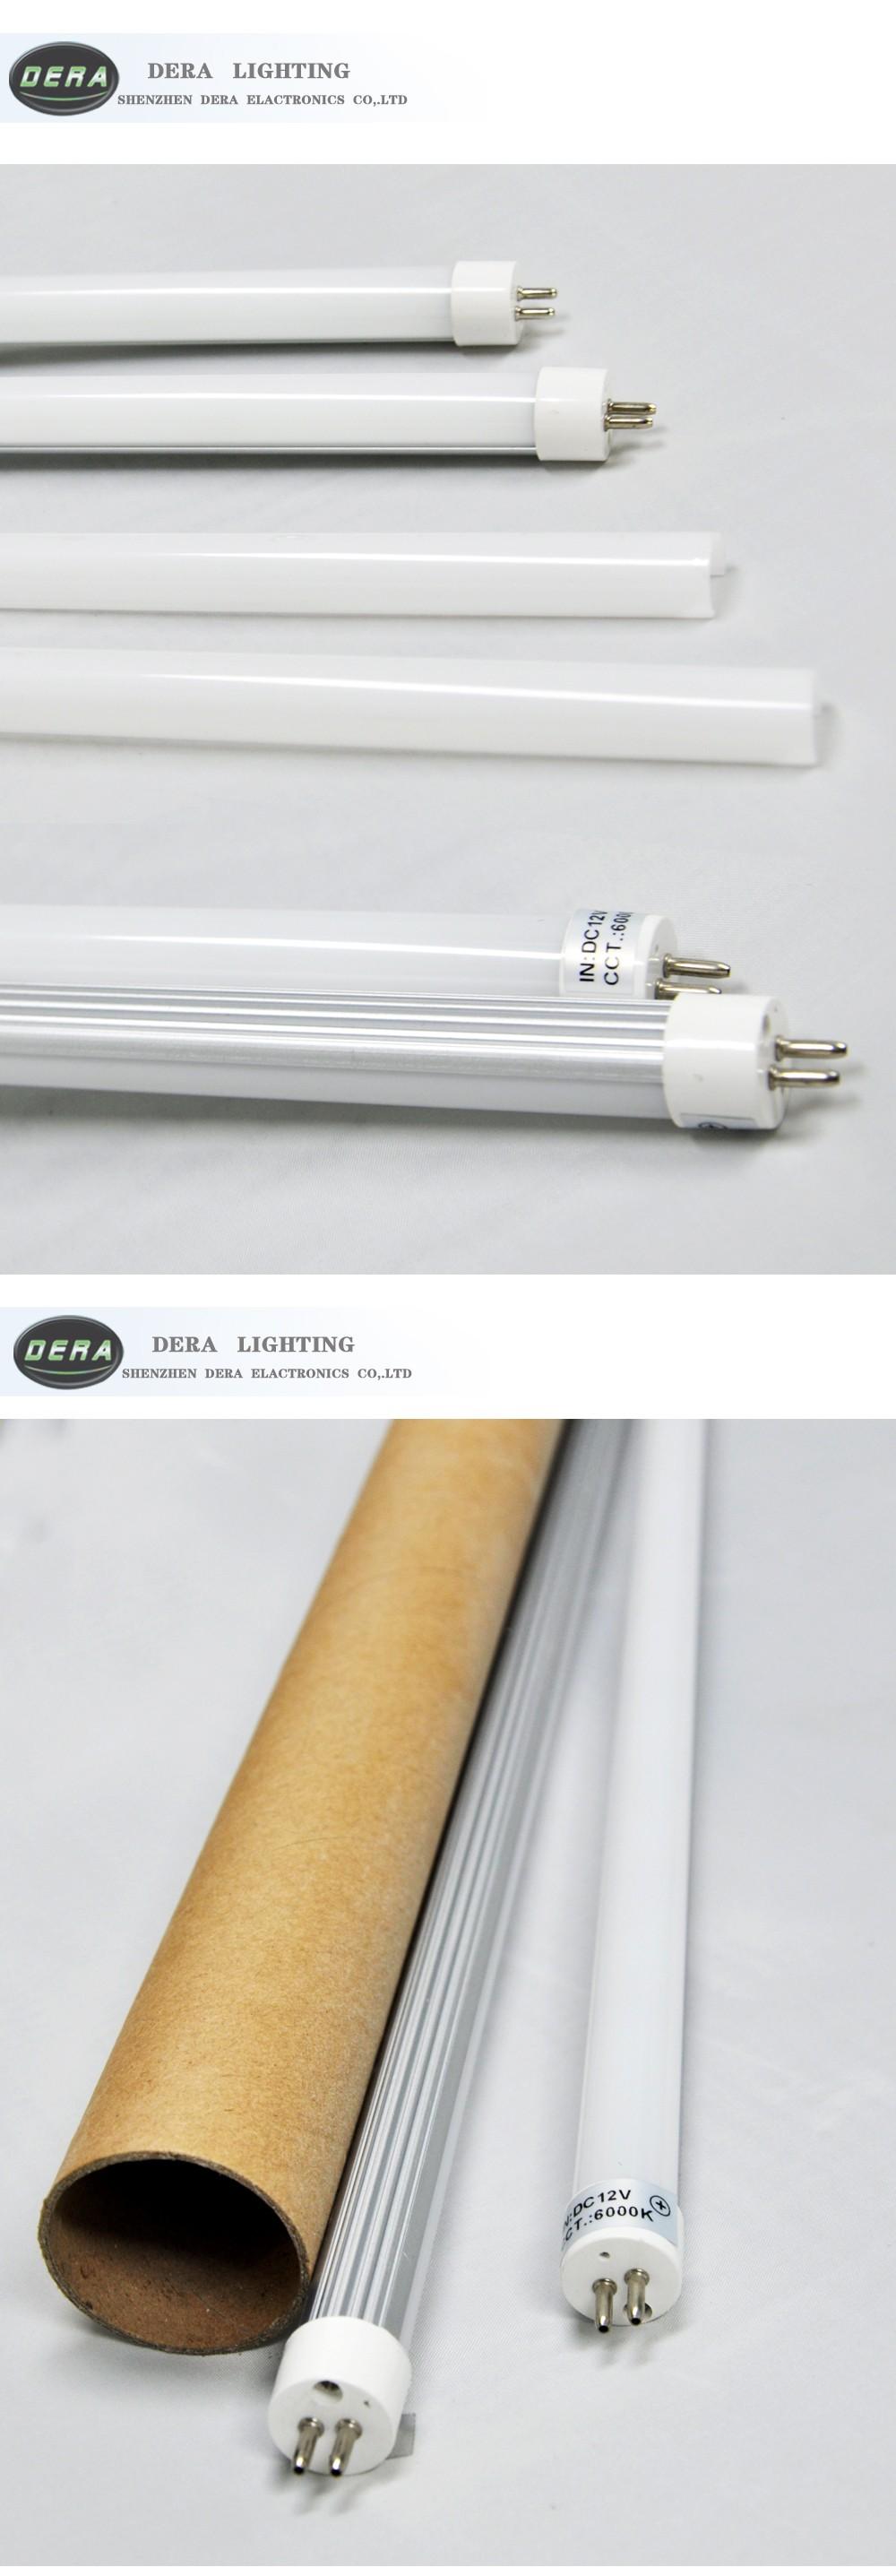 High Lumen Dc12v 8w 530mm Flexible Led Light Tube T5 Led Tubes ...